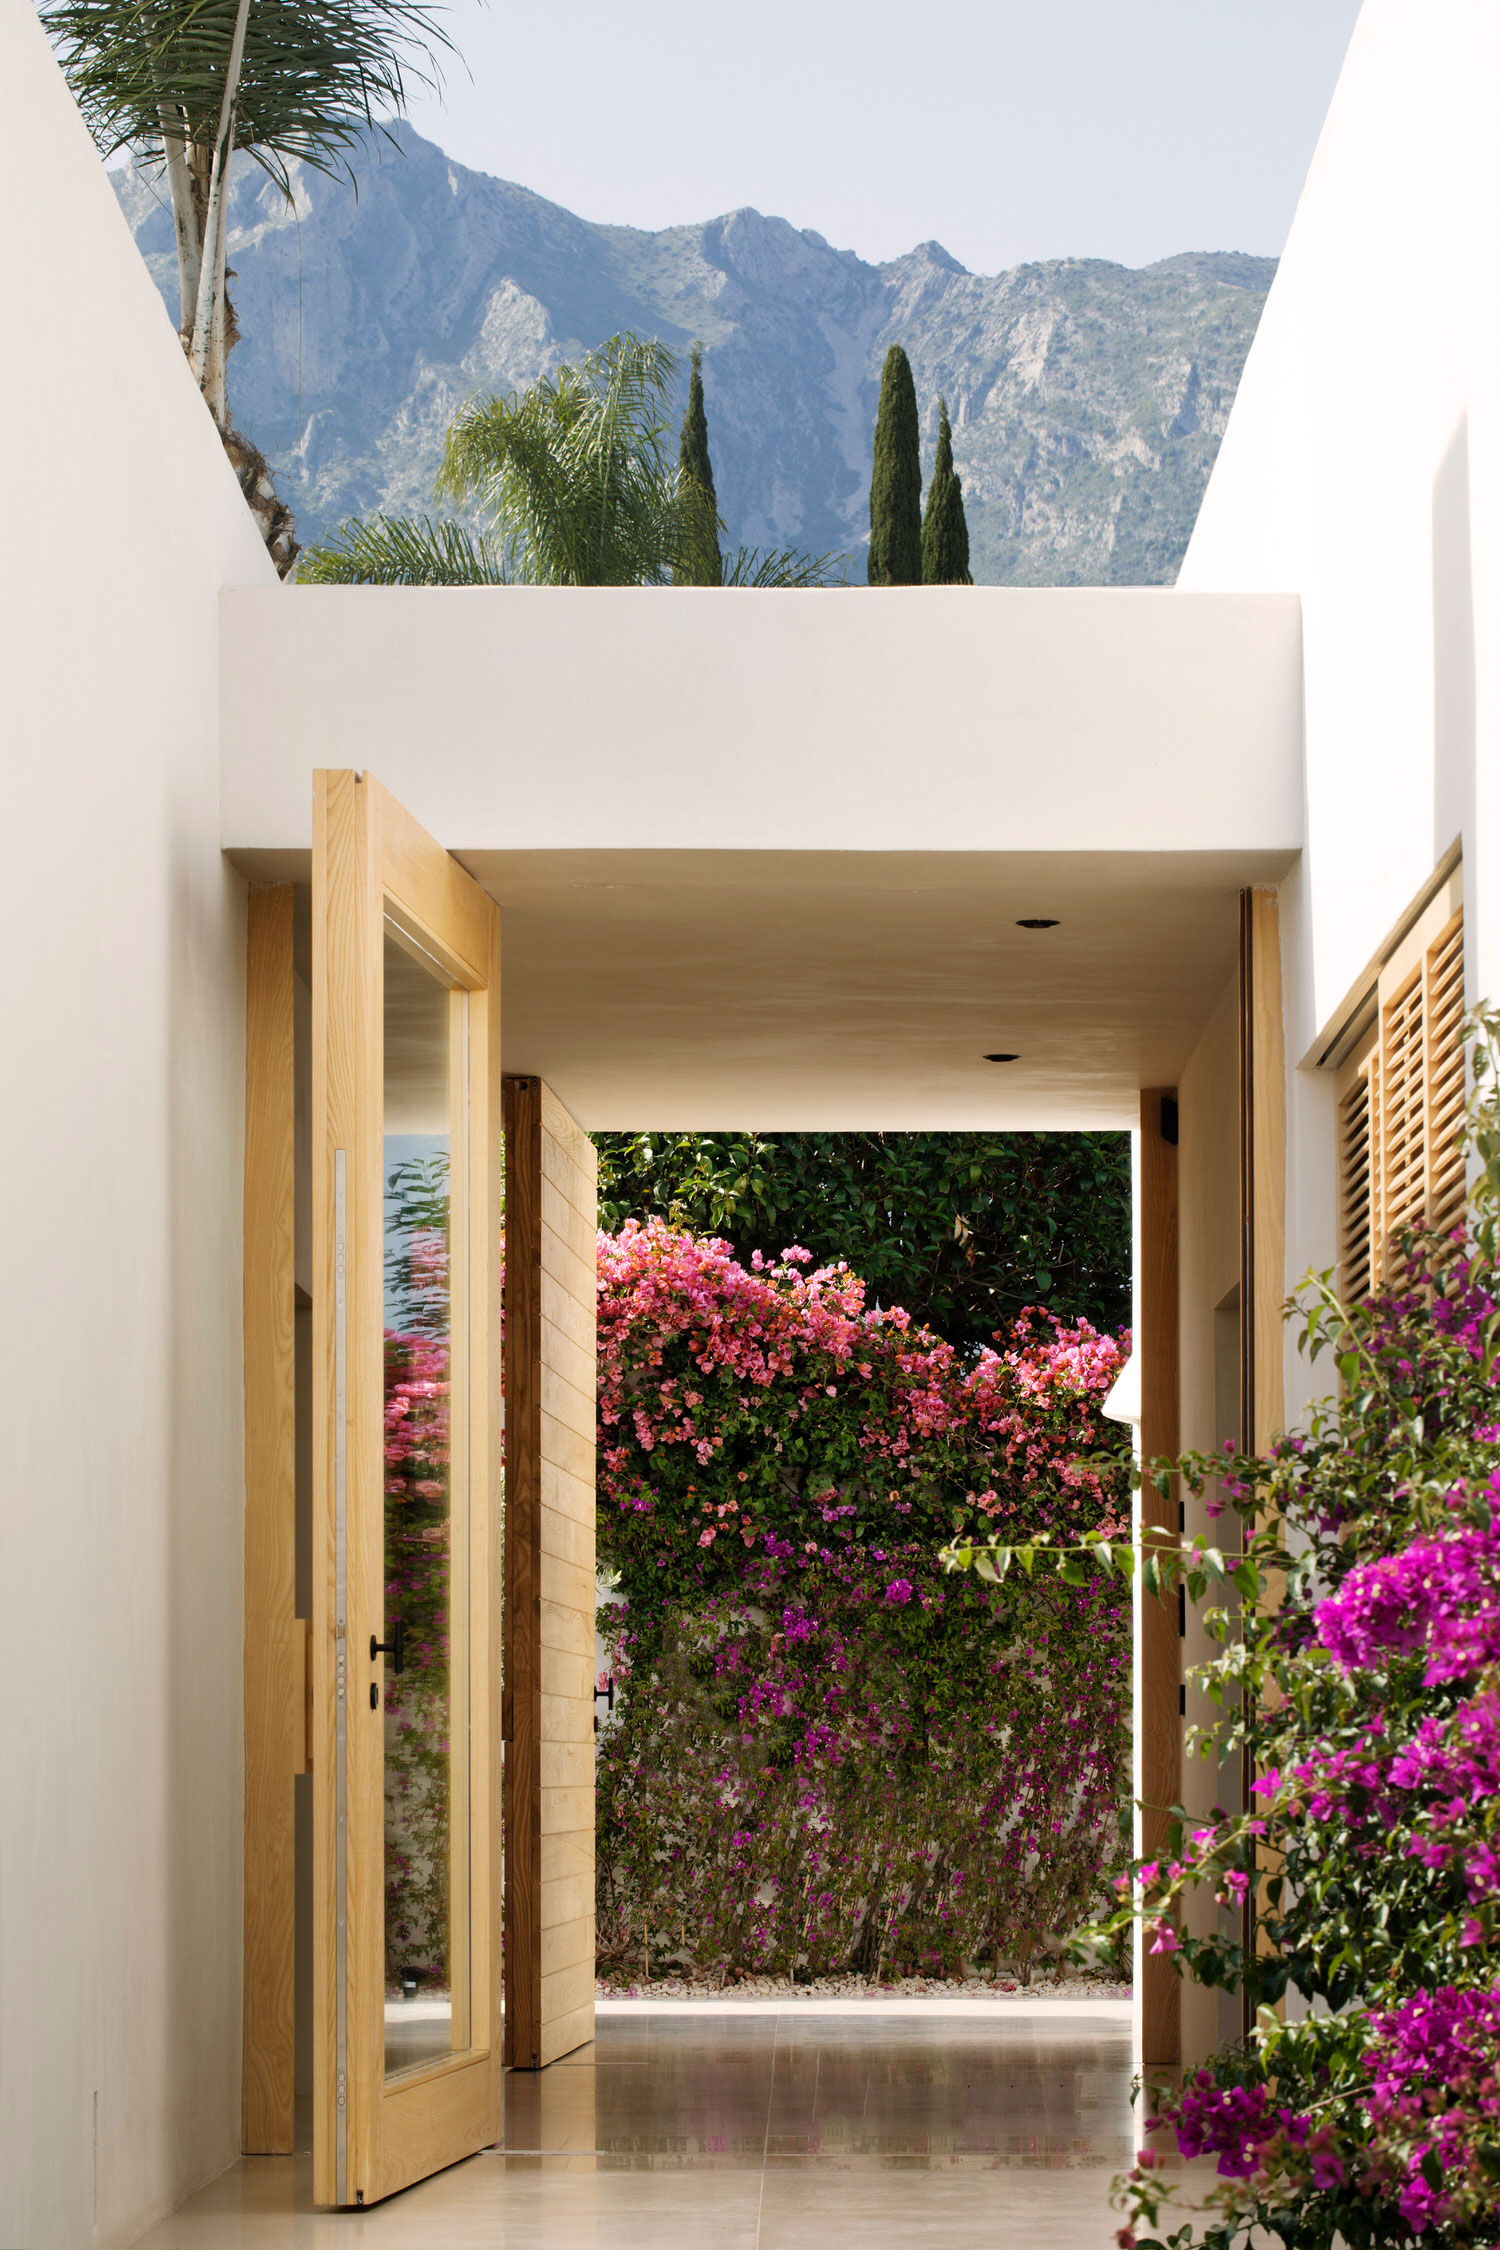 Febrero Studio Casa Marbella Spanish Architecture Photo German Saiz Yellowtrace 06